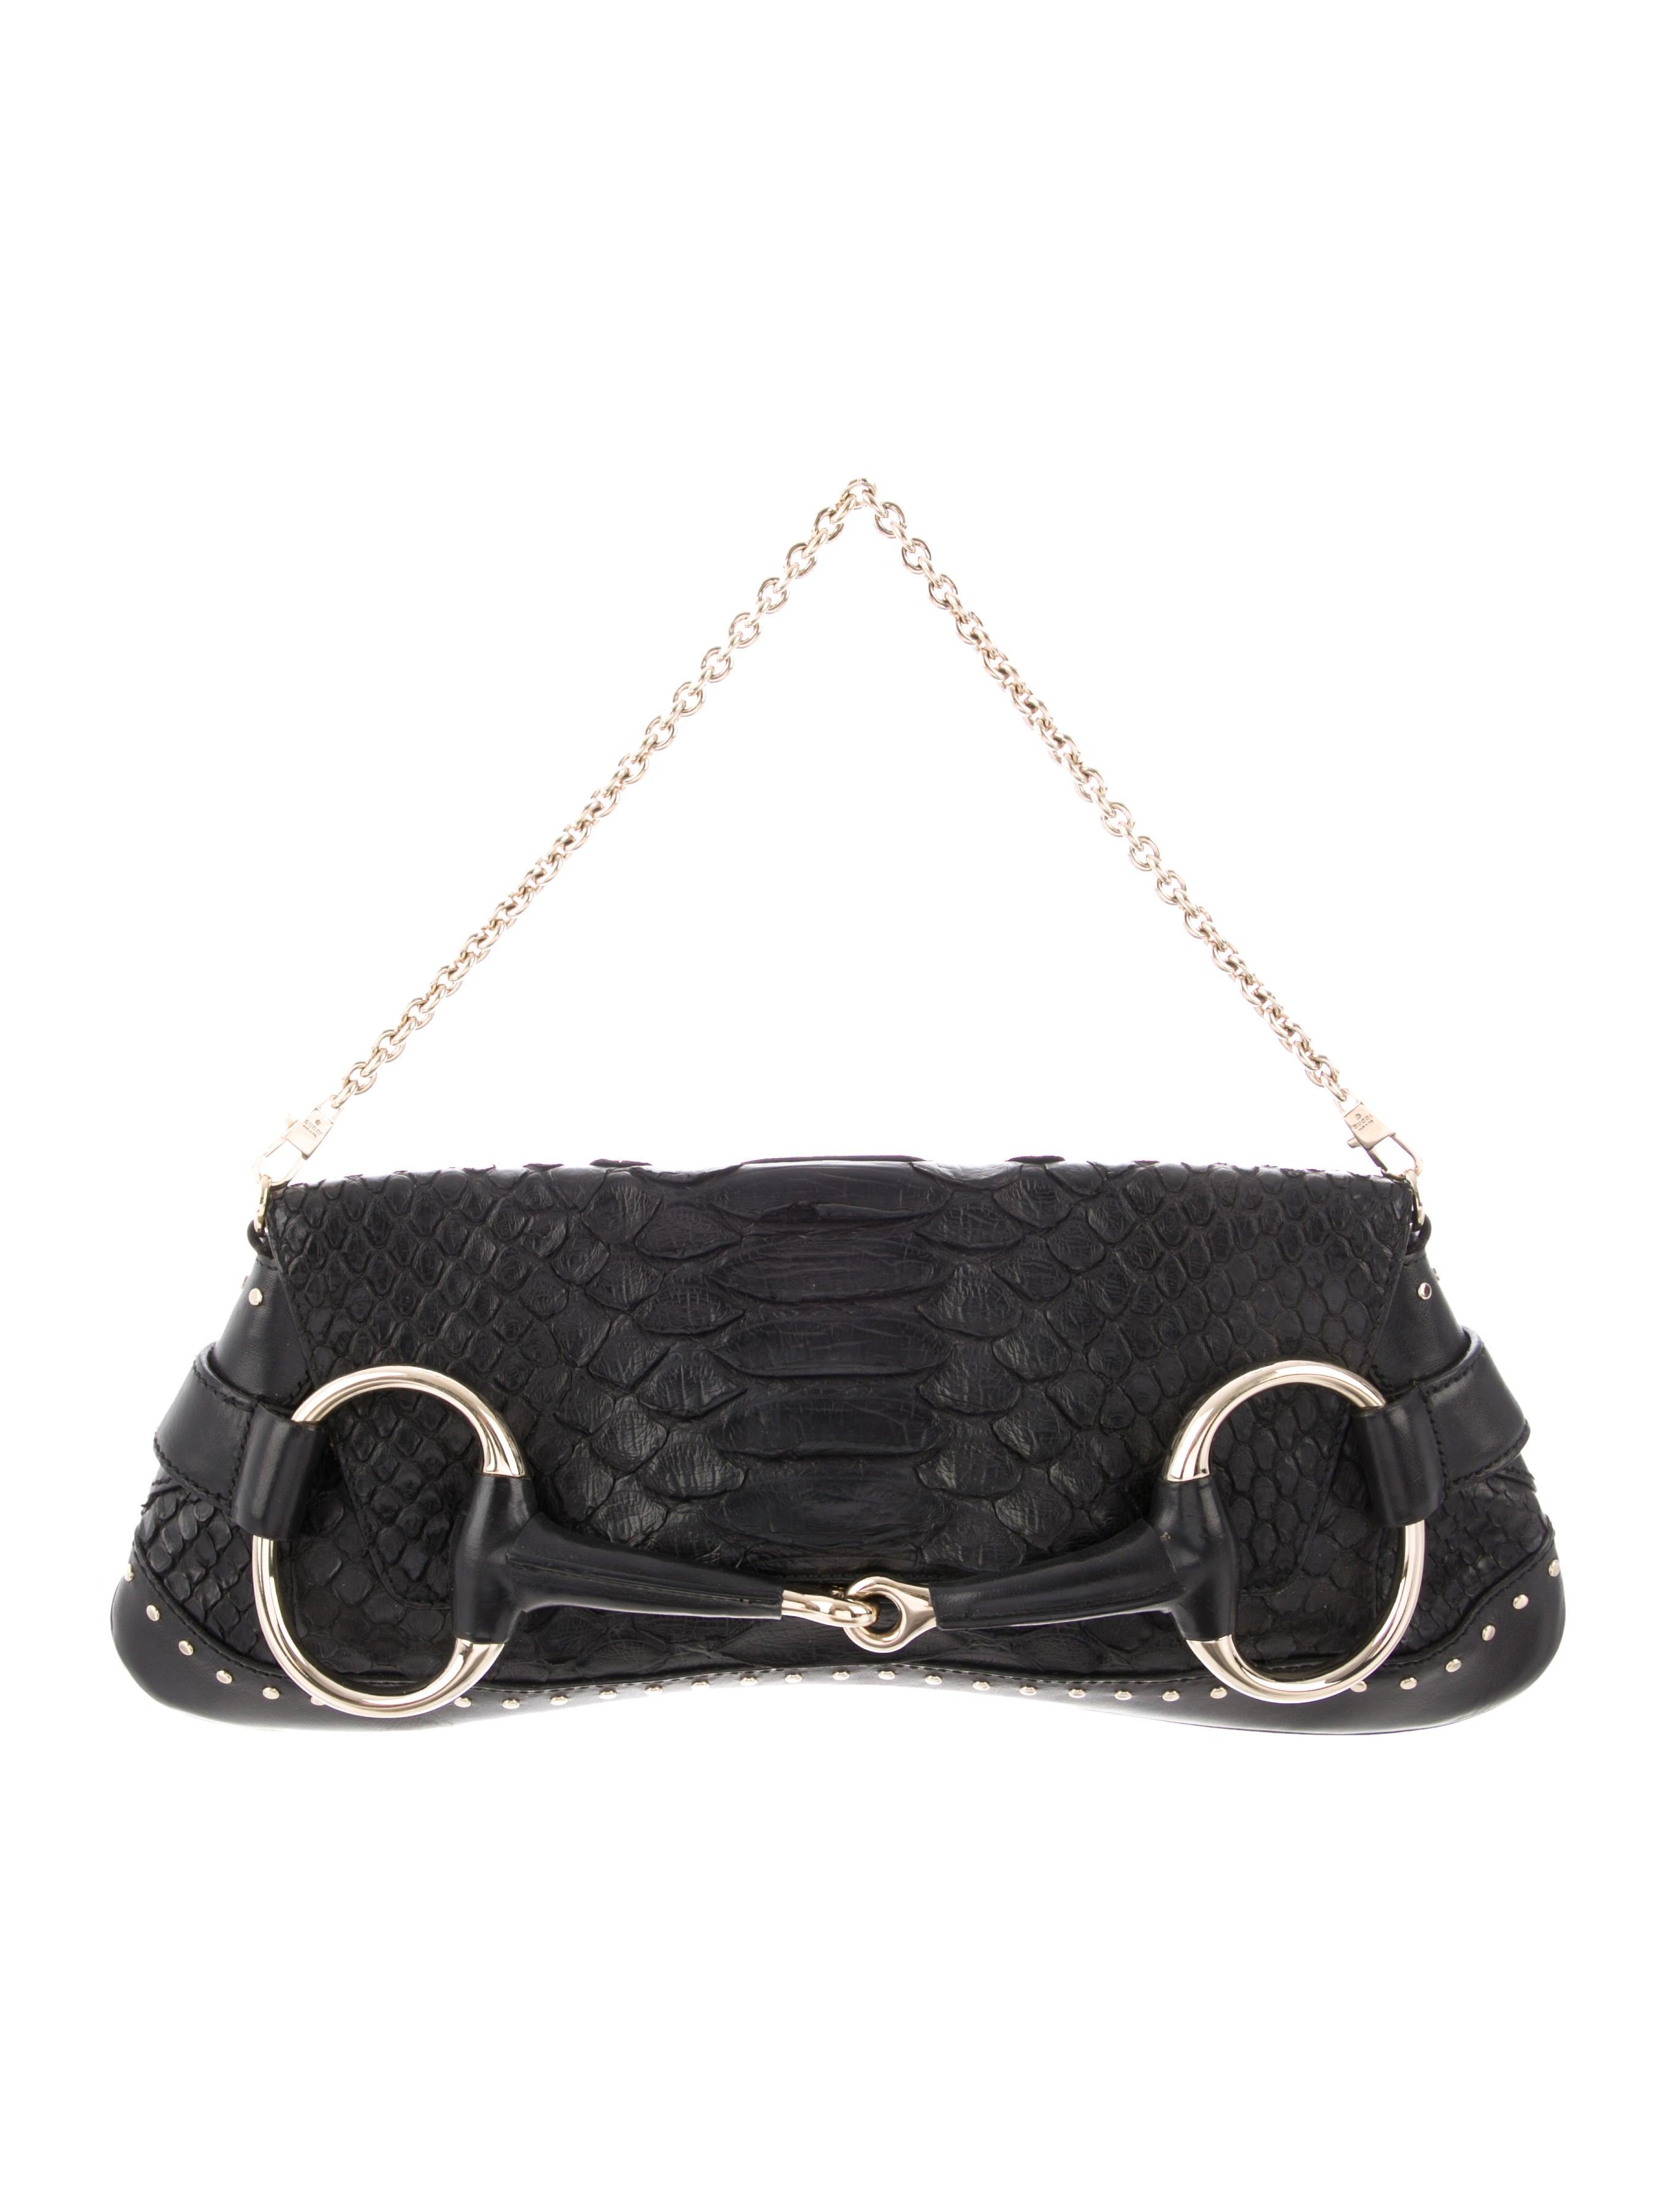 01a846d8f05c7d Gucci Python Horsebit Clutch - Handbags - GUC266560 | The RealReal